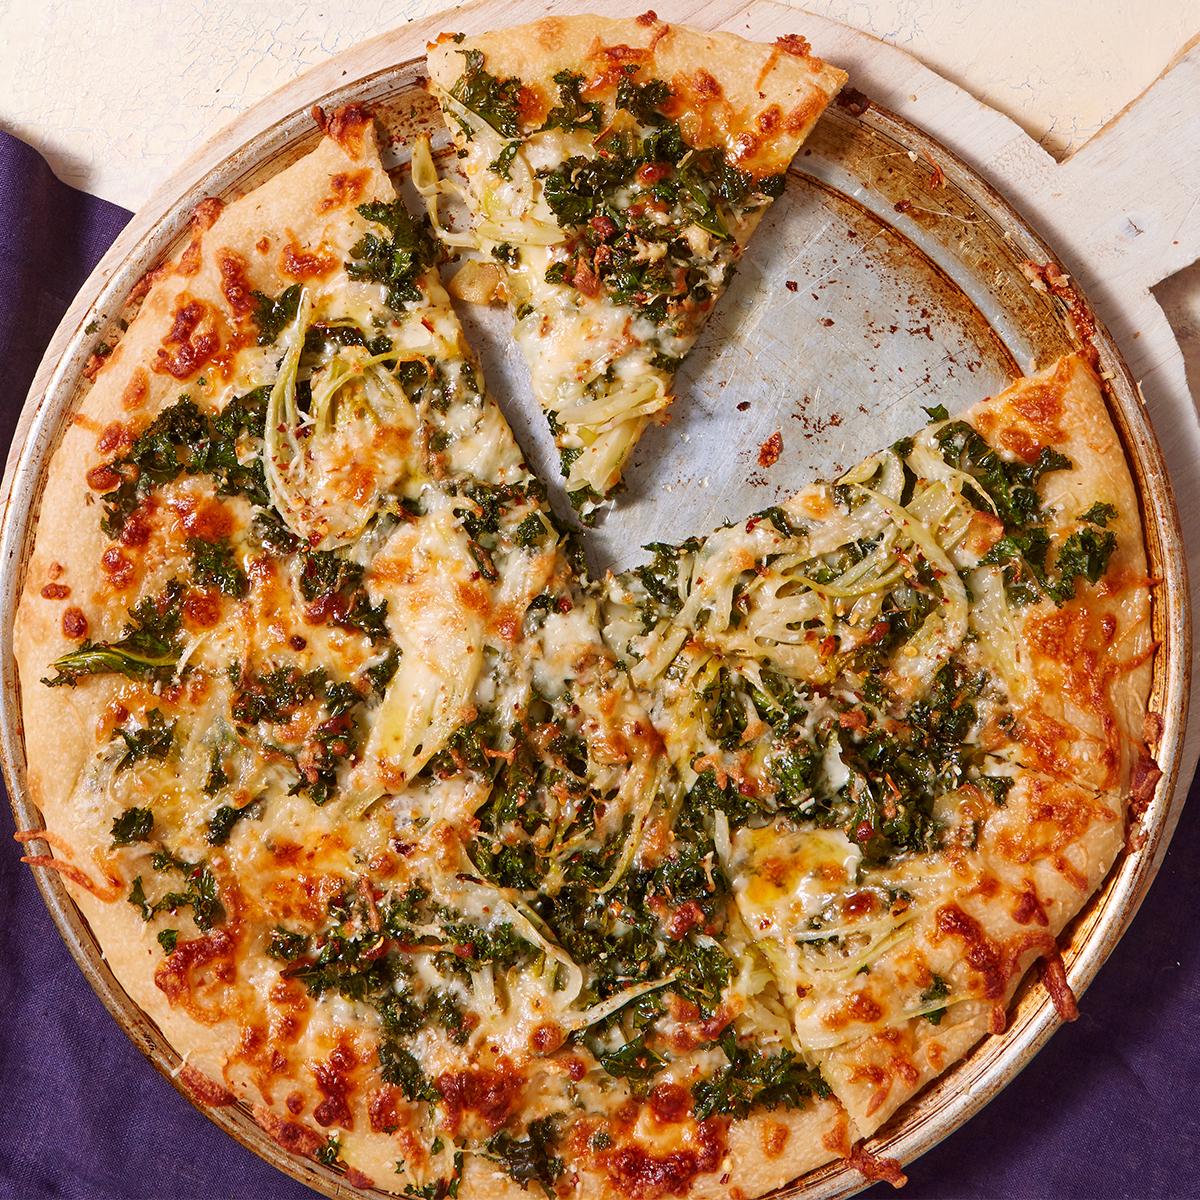 Cheesy Kale Pizza